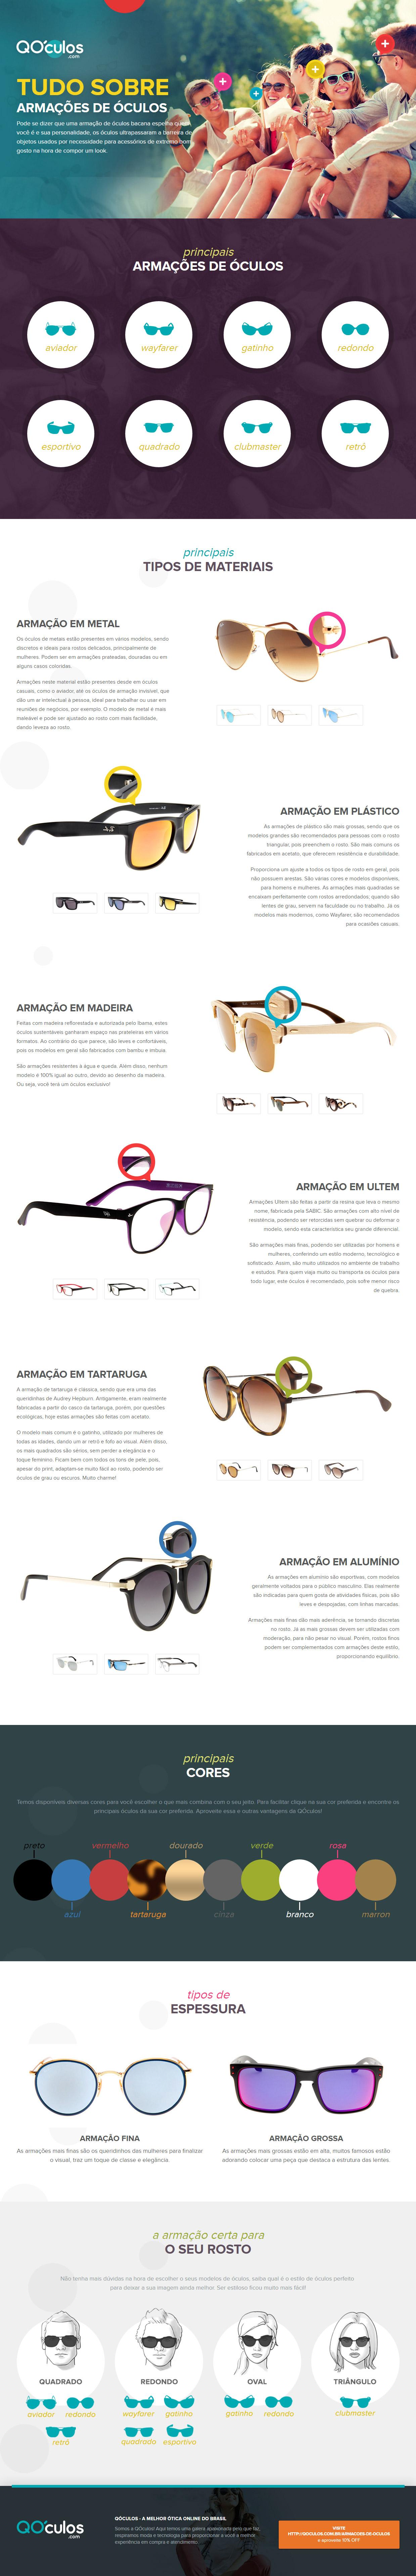 Infográfico sobre Armações de Óculos